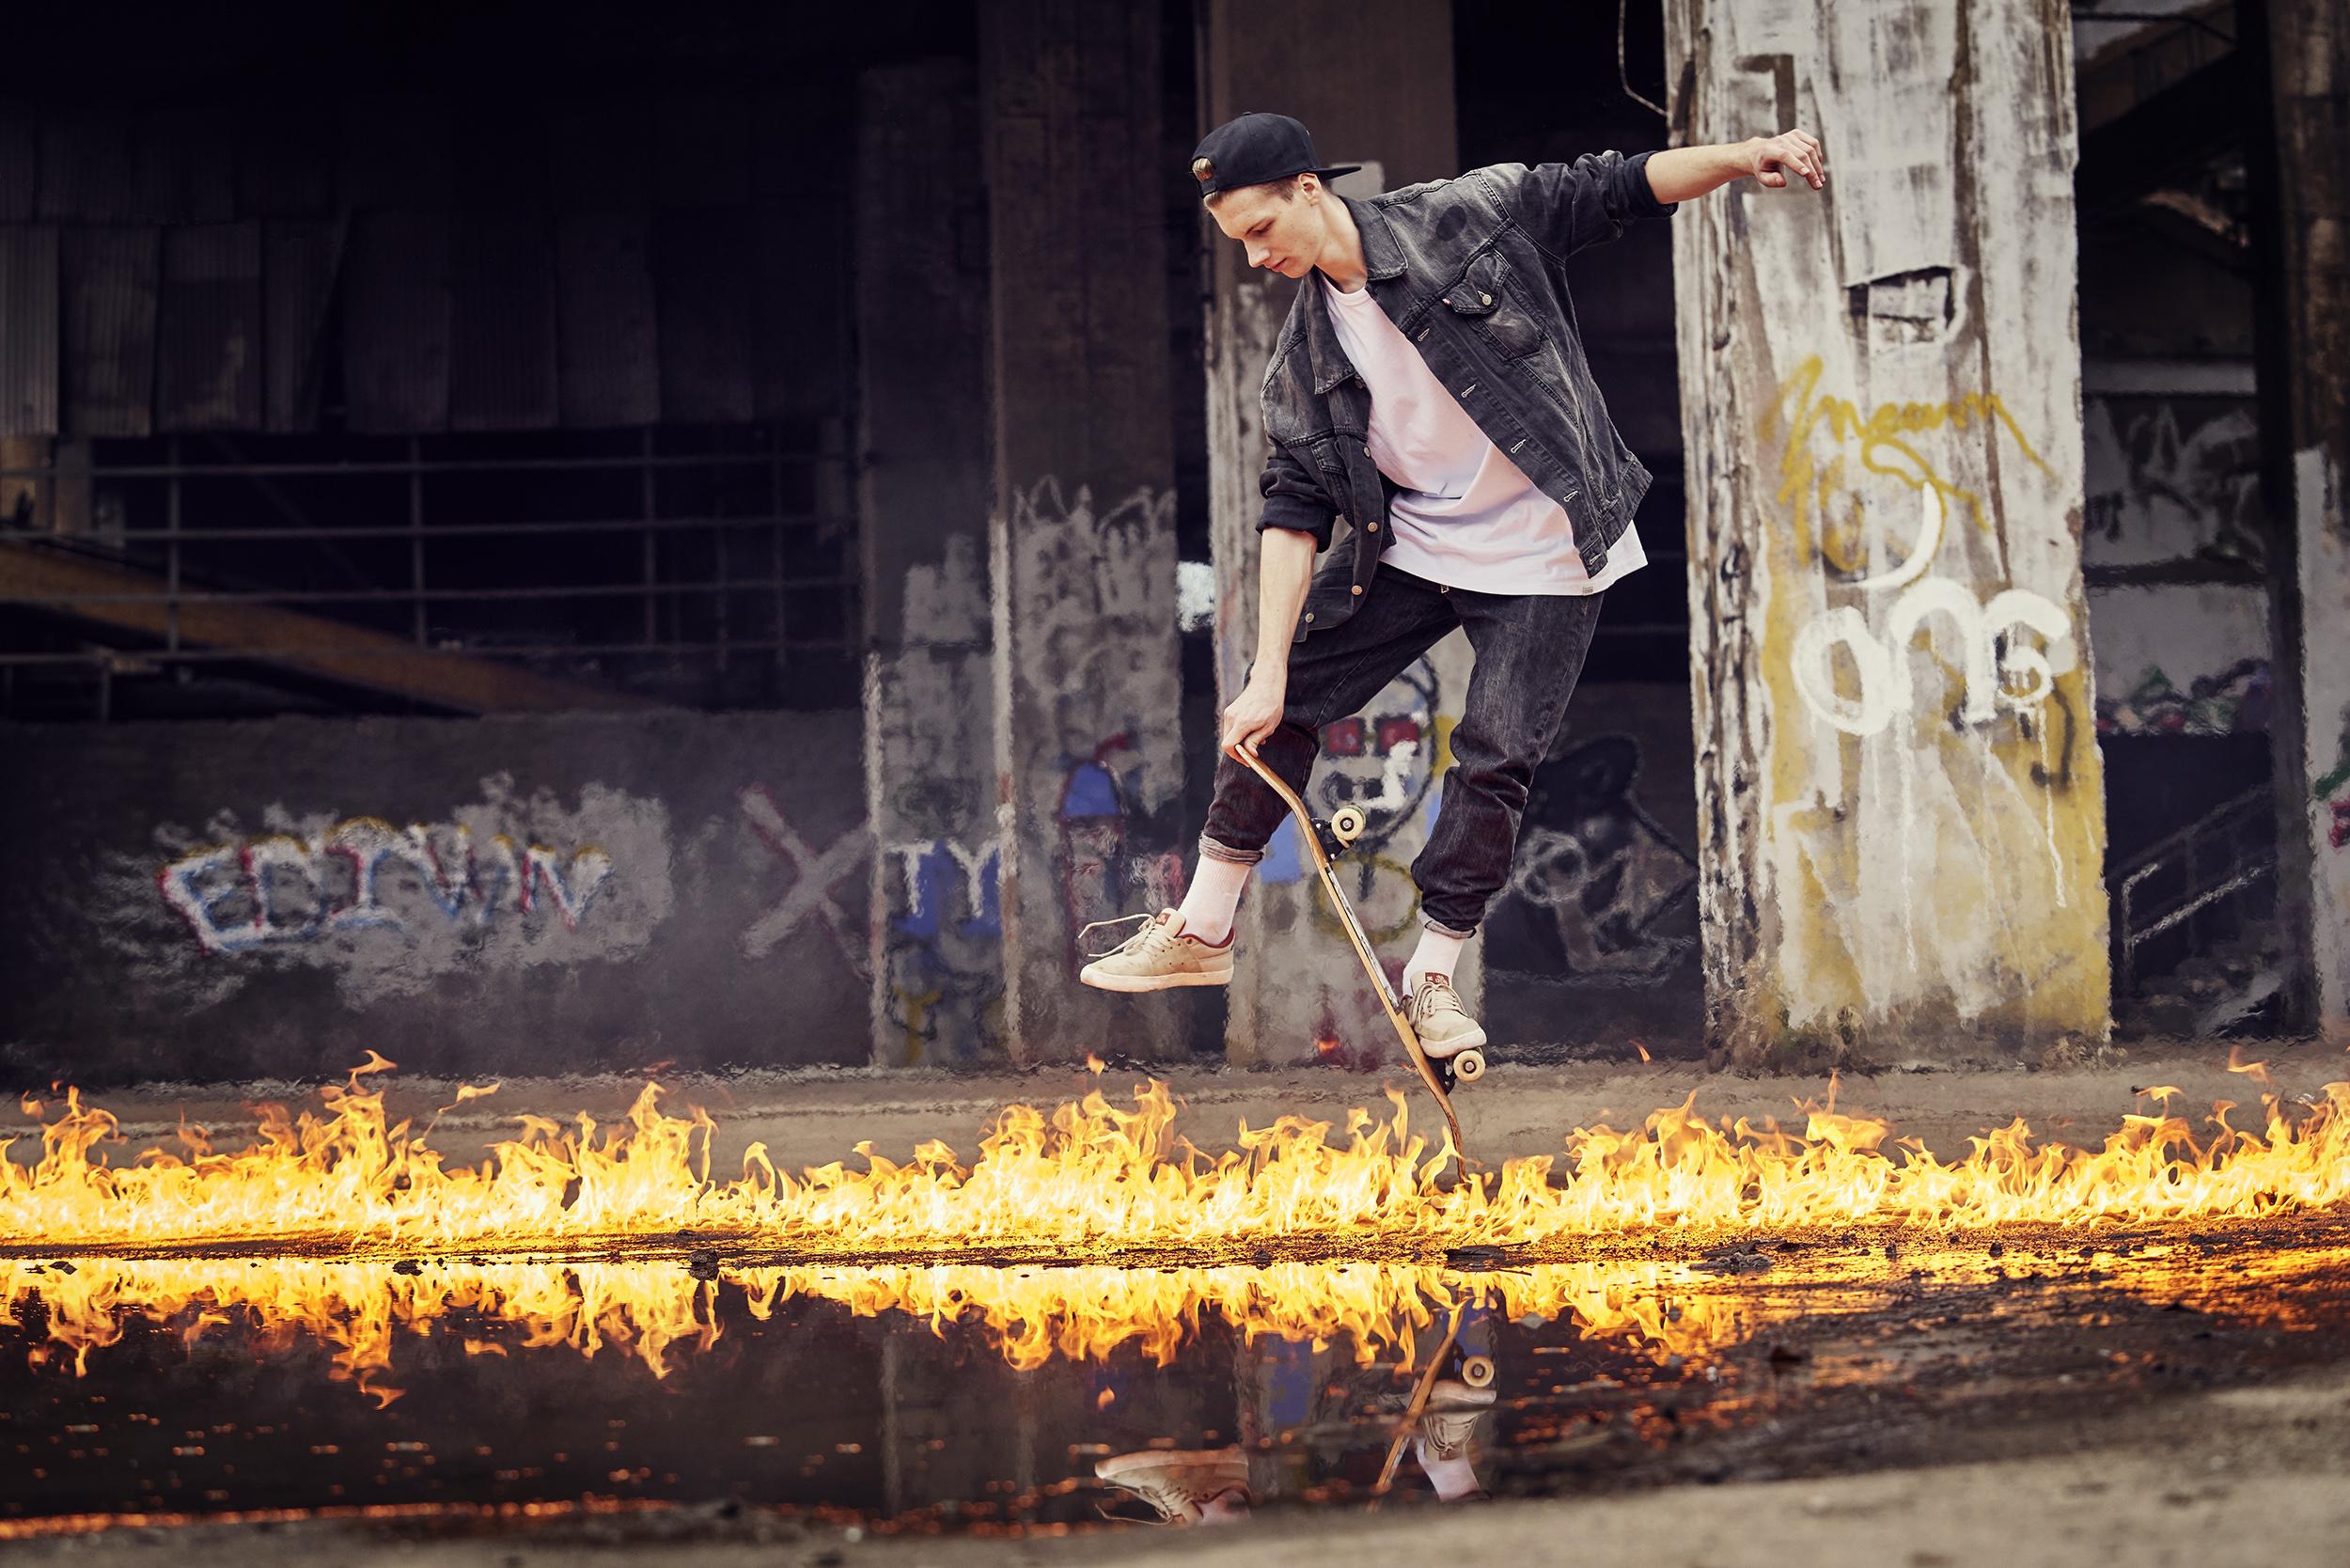 Zippo_Skatebaording_02